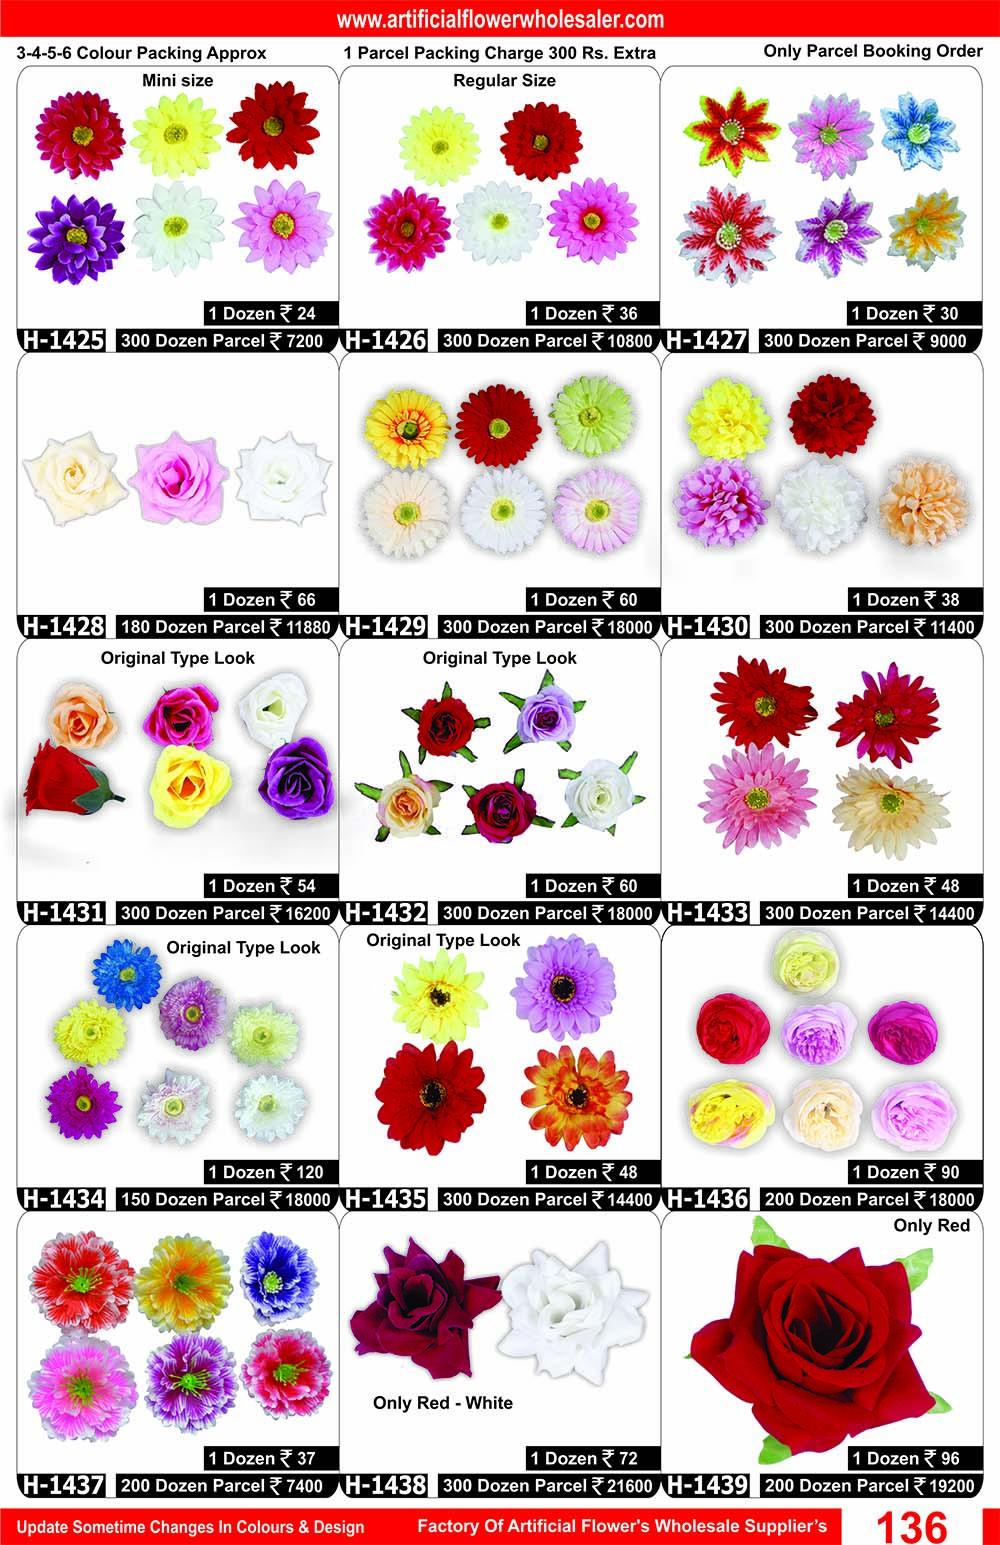 136-artificial-flower-wholesaler